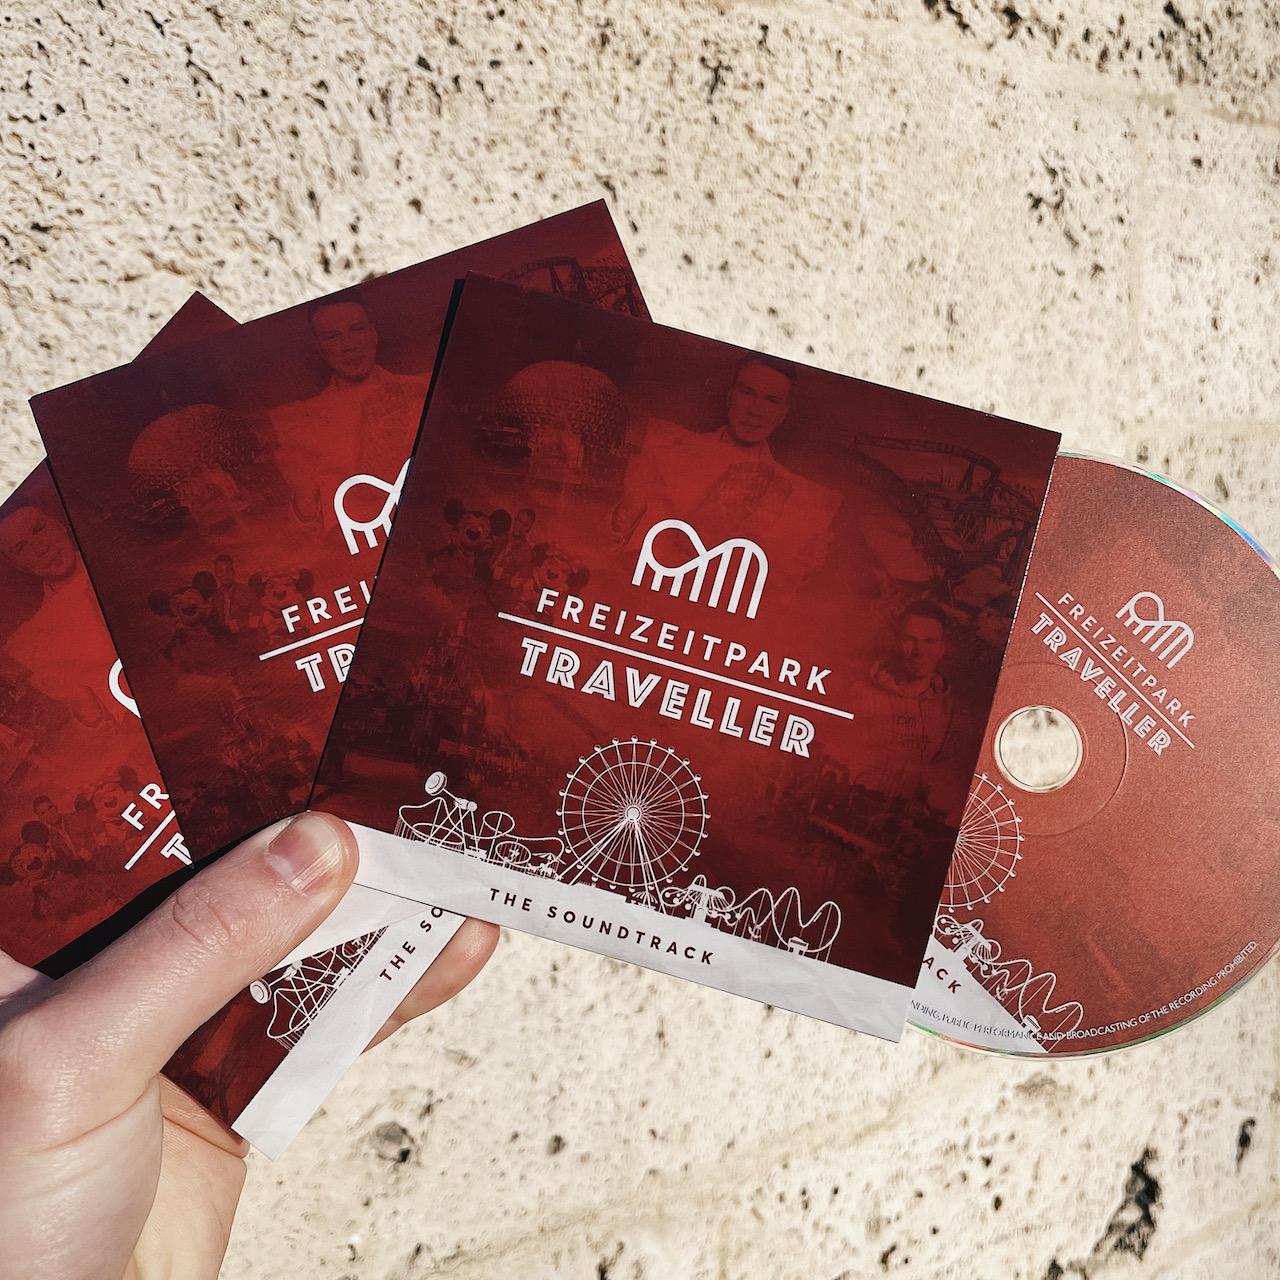 Hörprobe! Freizeitpark Traveller Soundtrack